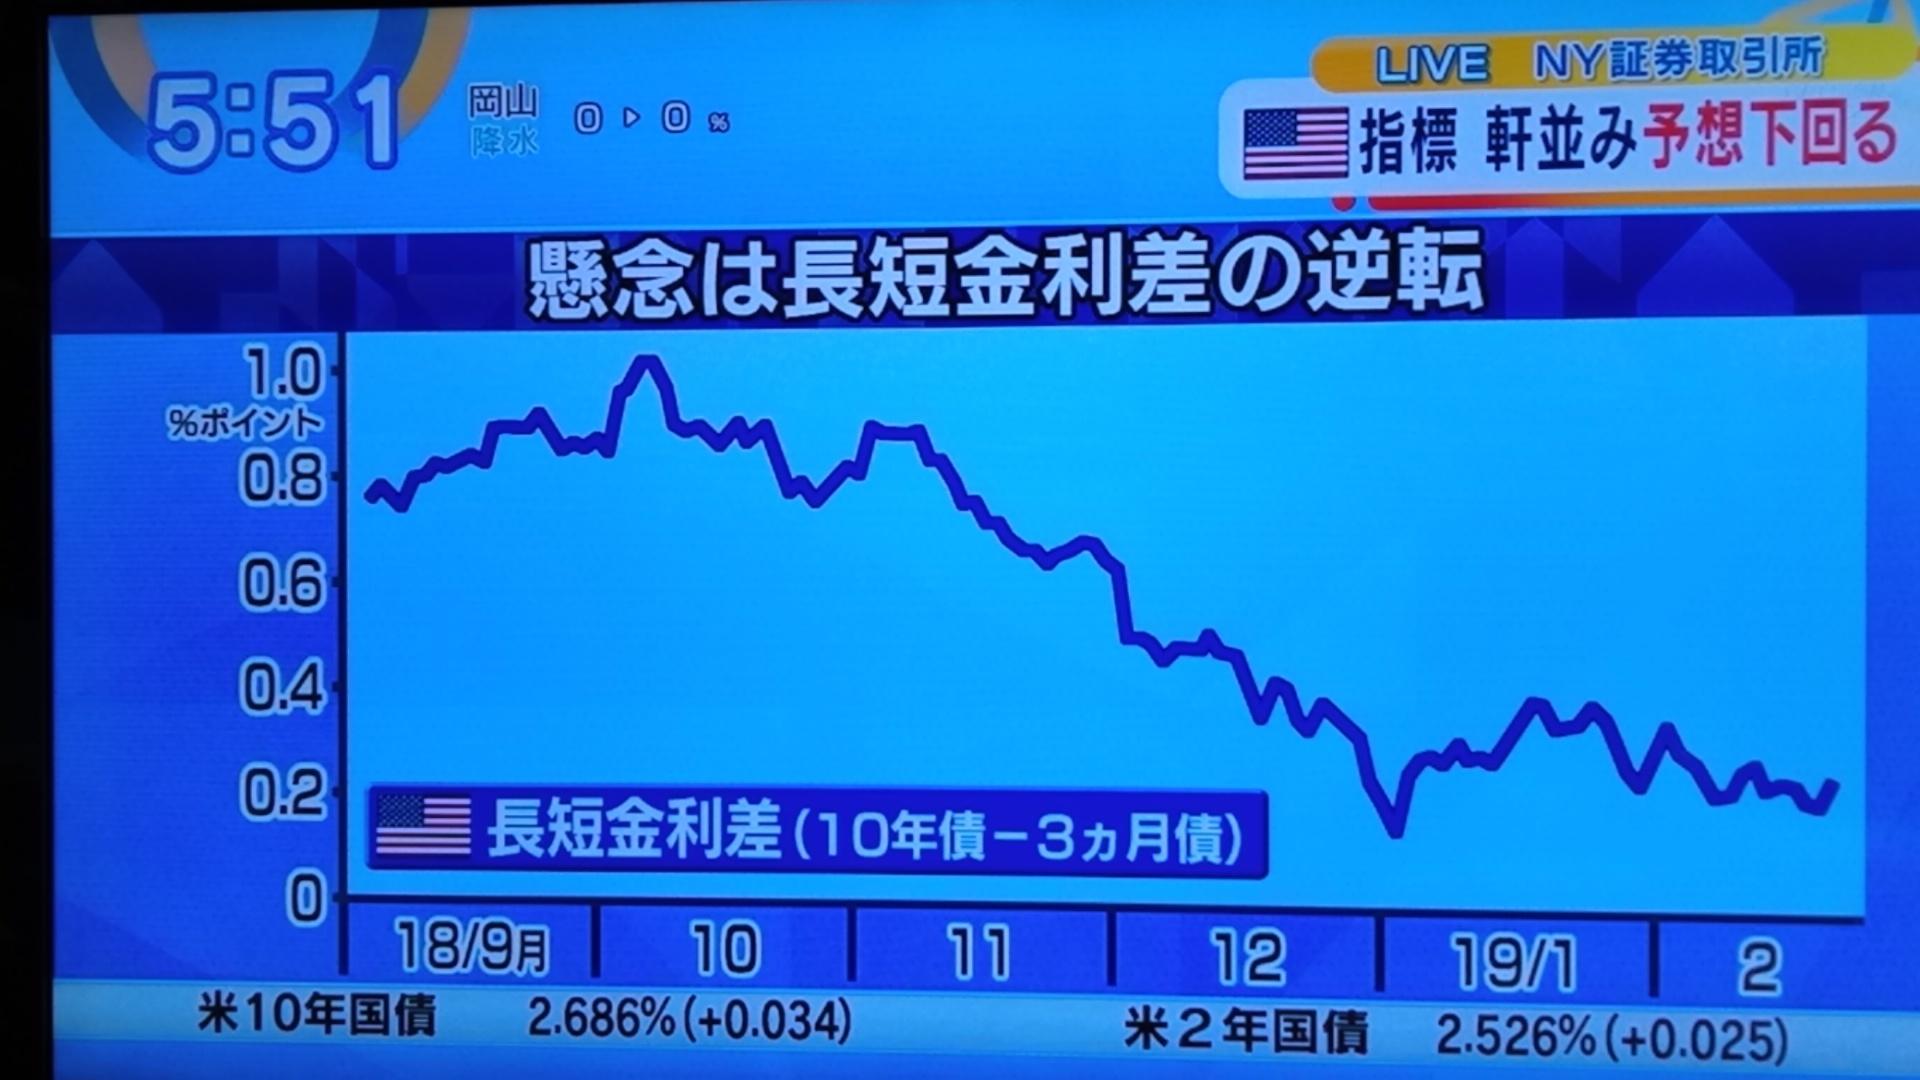 米国は長短金利の逆転懸念!景気減速か_d0262085_08230363.jpg